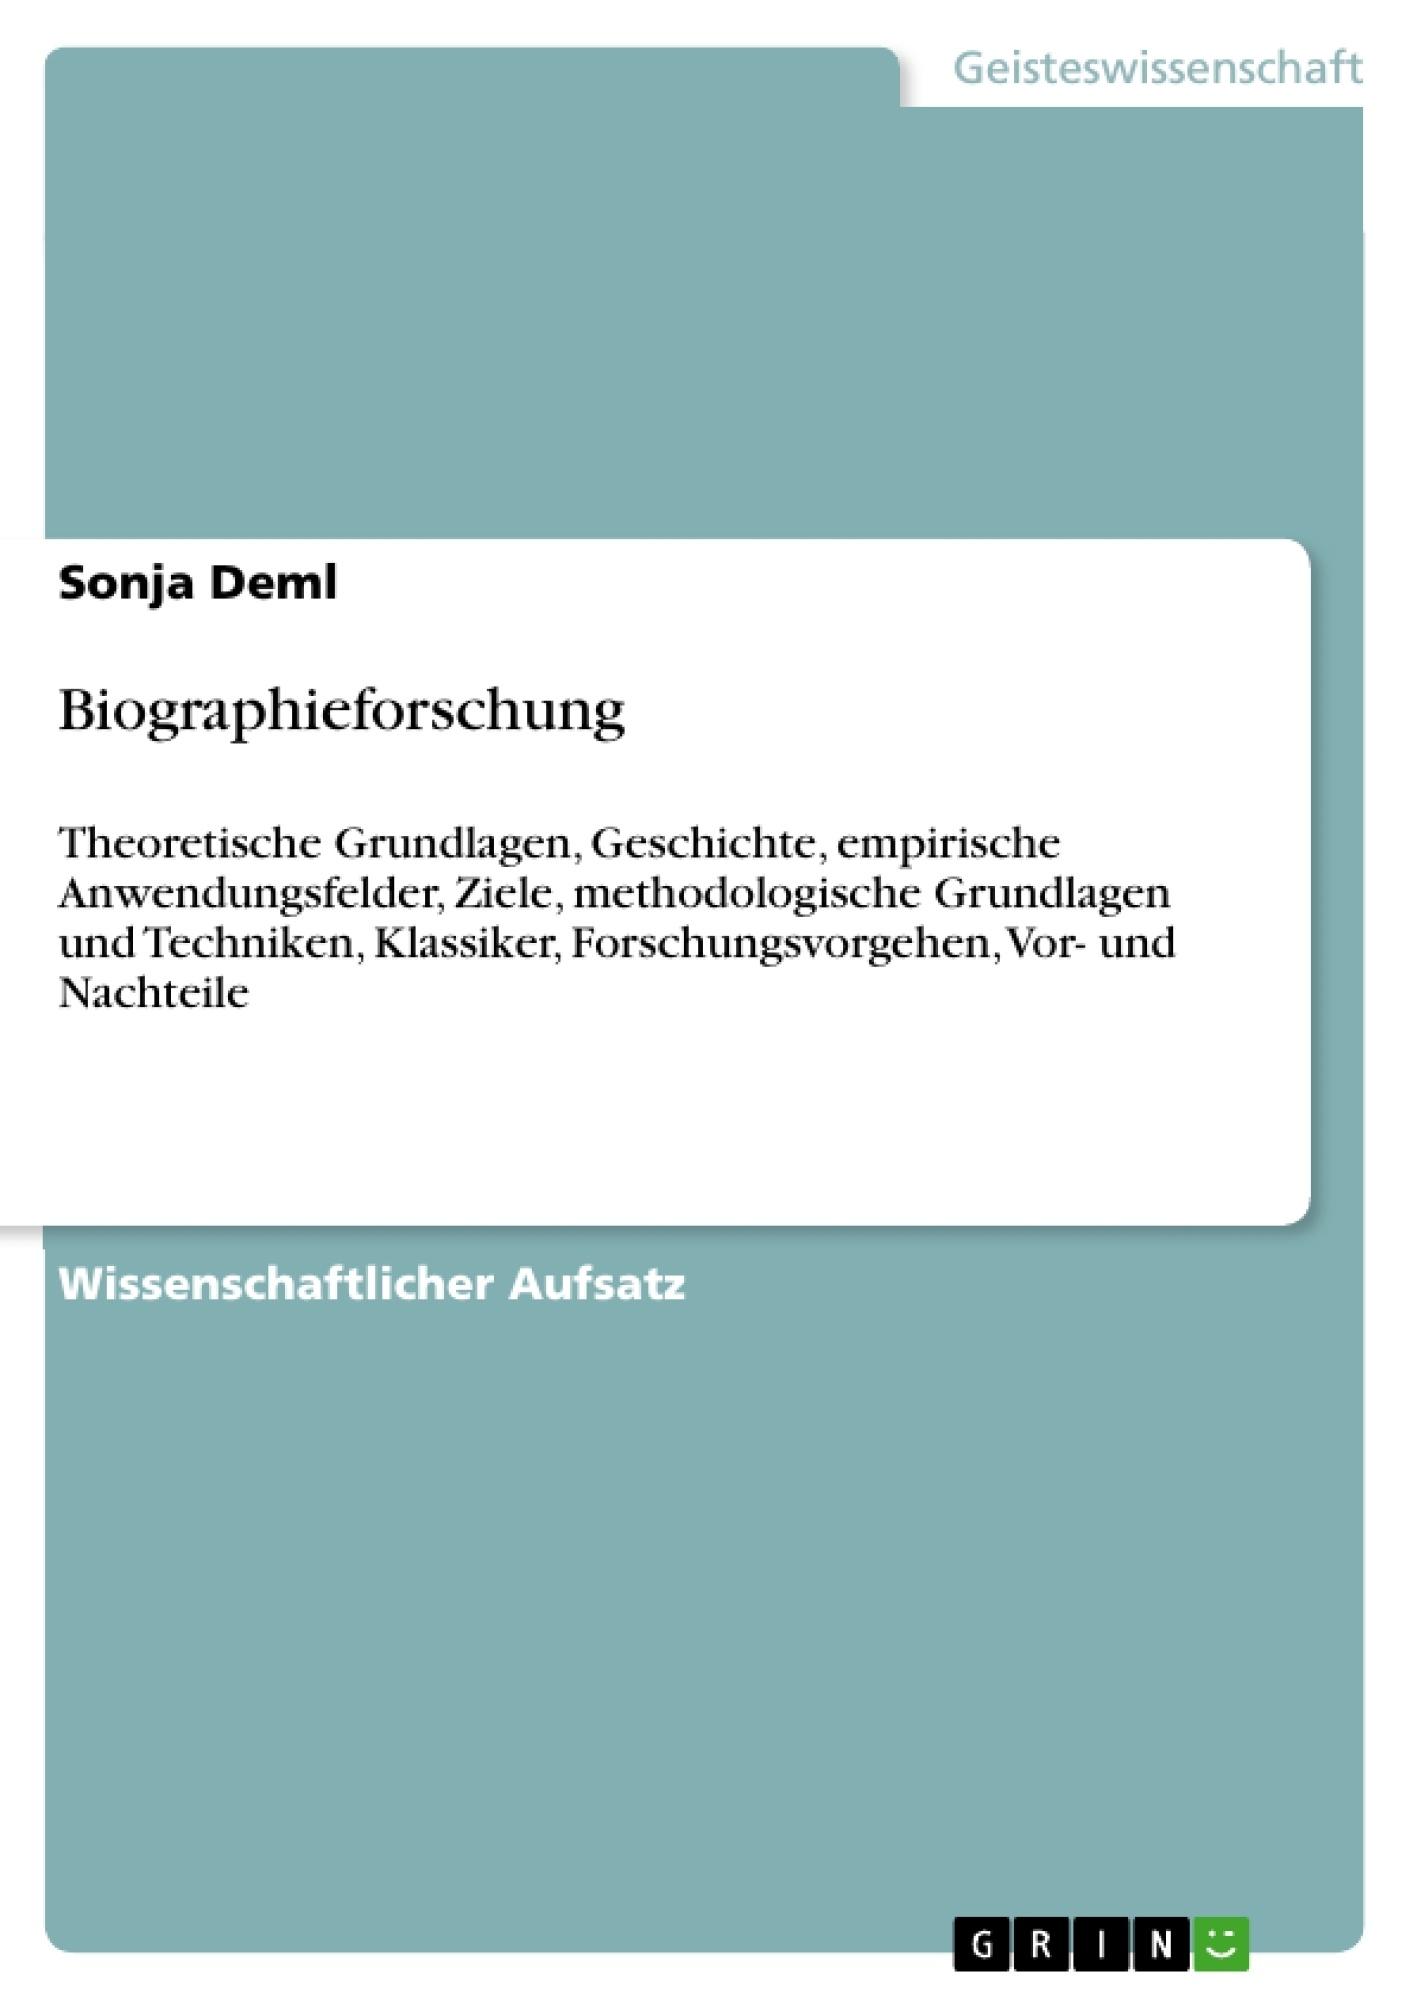 Titel: Biographieforschung